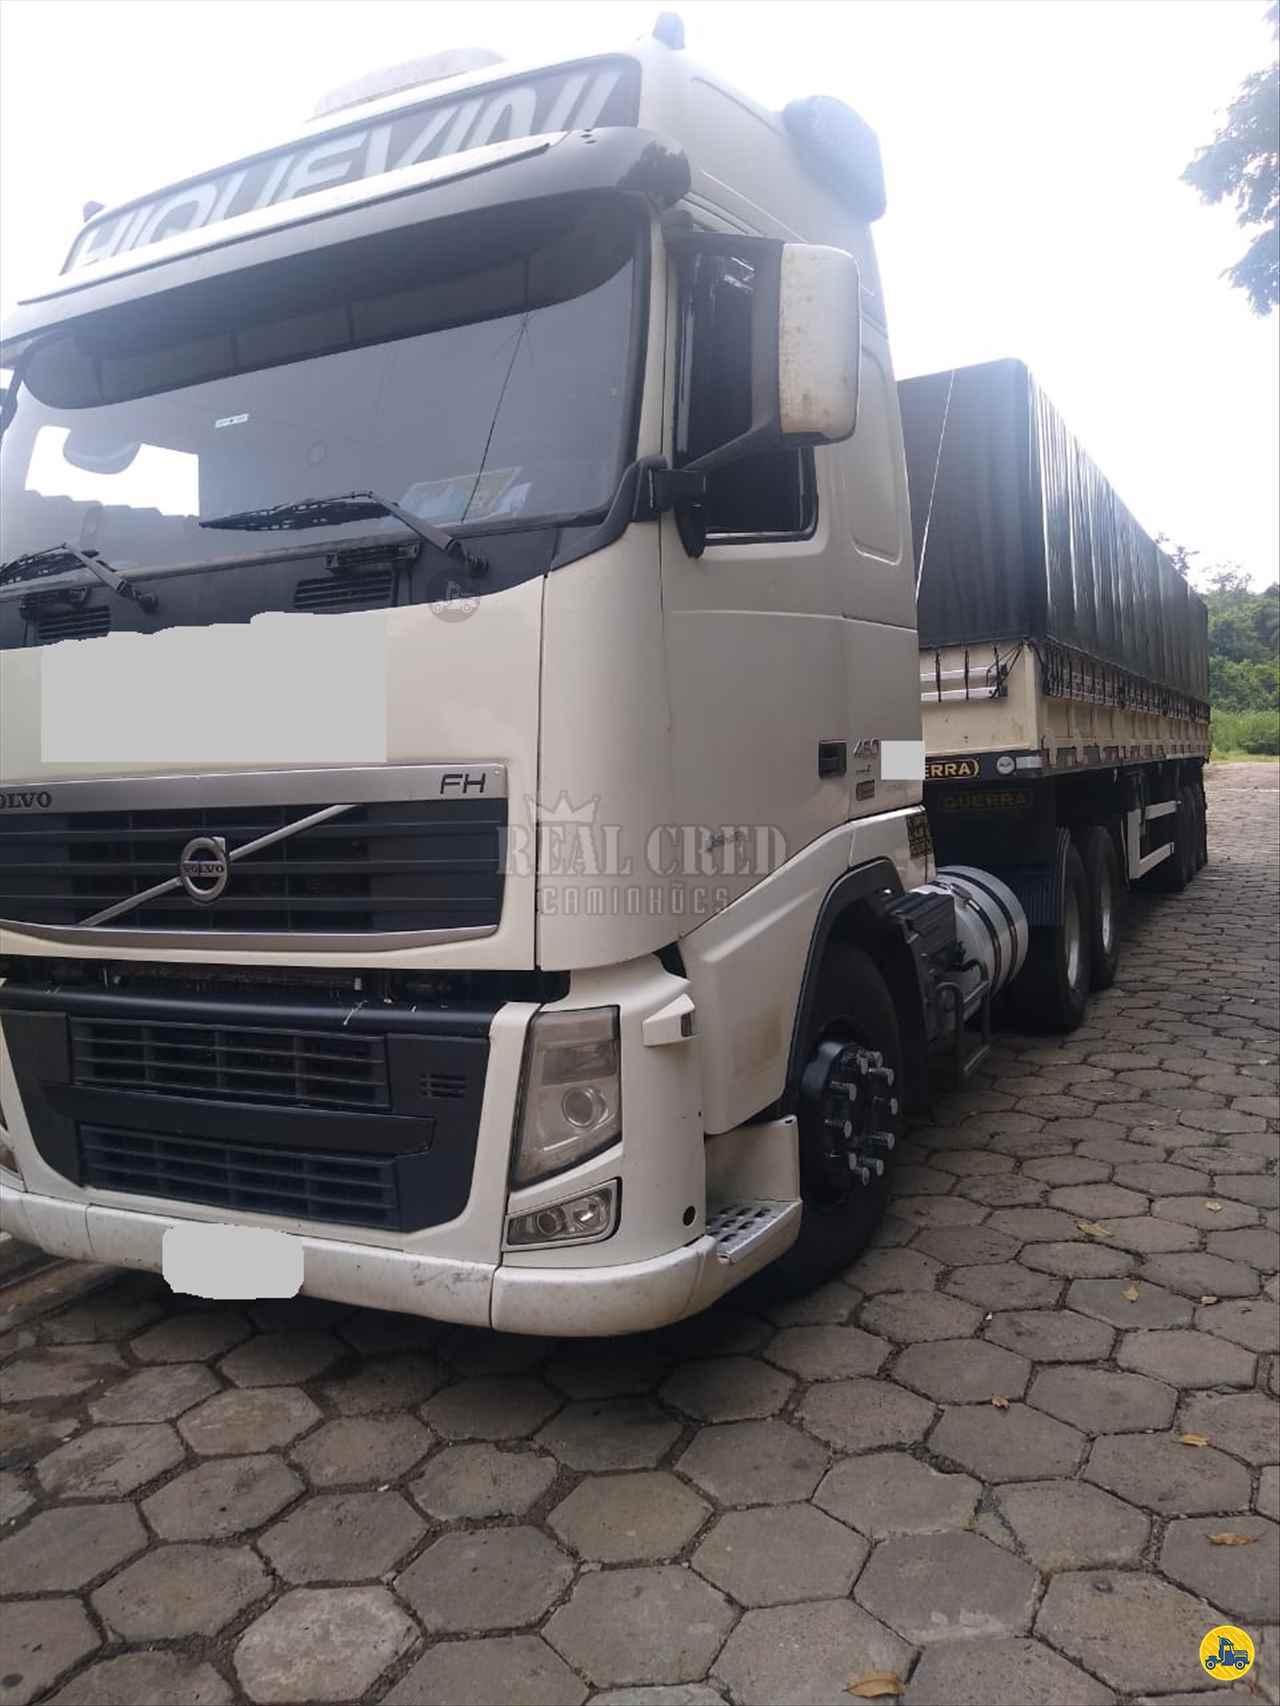 CAMINHAO VOLVO VOLVO FH 460 Cavalo Mecânico Truck 6x2 Real Cred Caminhões PIEDADE SÃO PAULO SP